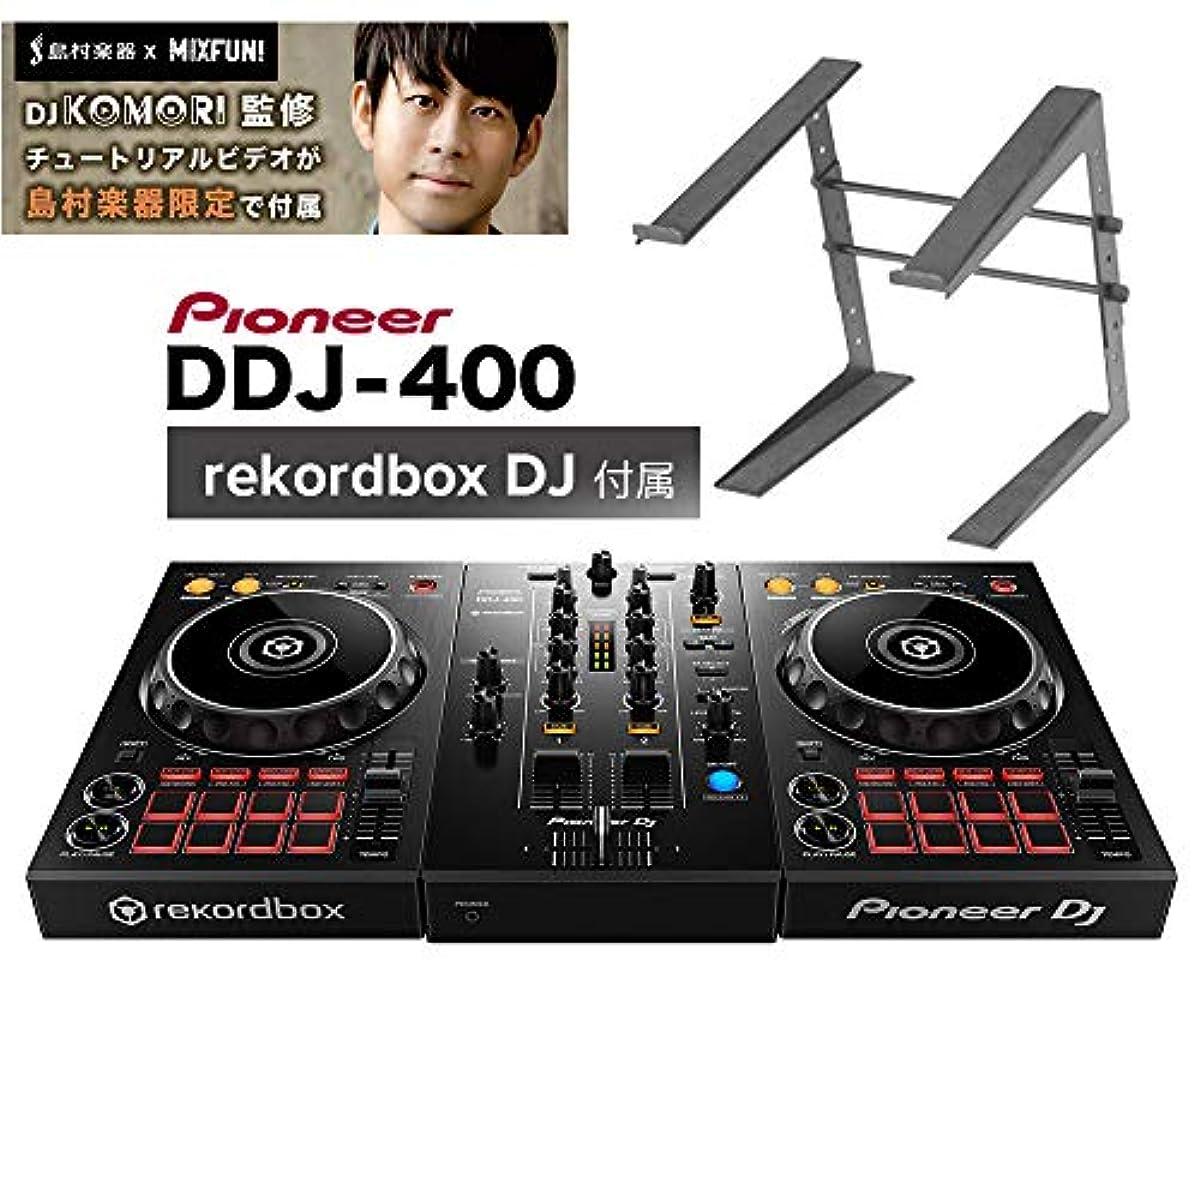 [해외] Pioneer DJ 개척자 / DDJ-400 DJ 컨트롤러 (퍼펙트 가이드)